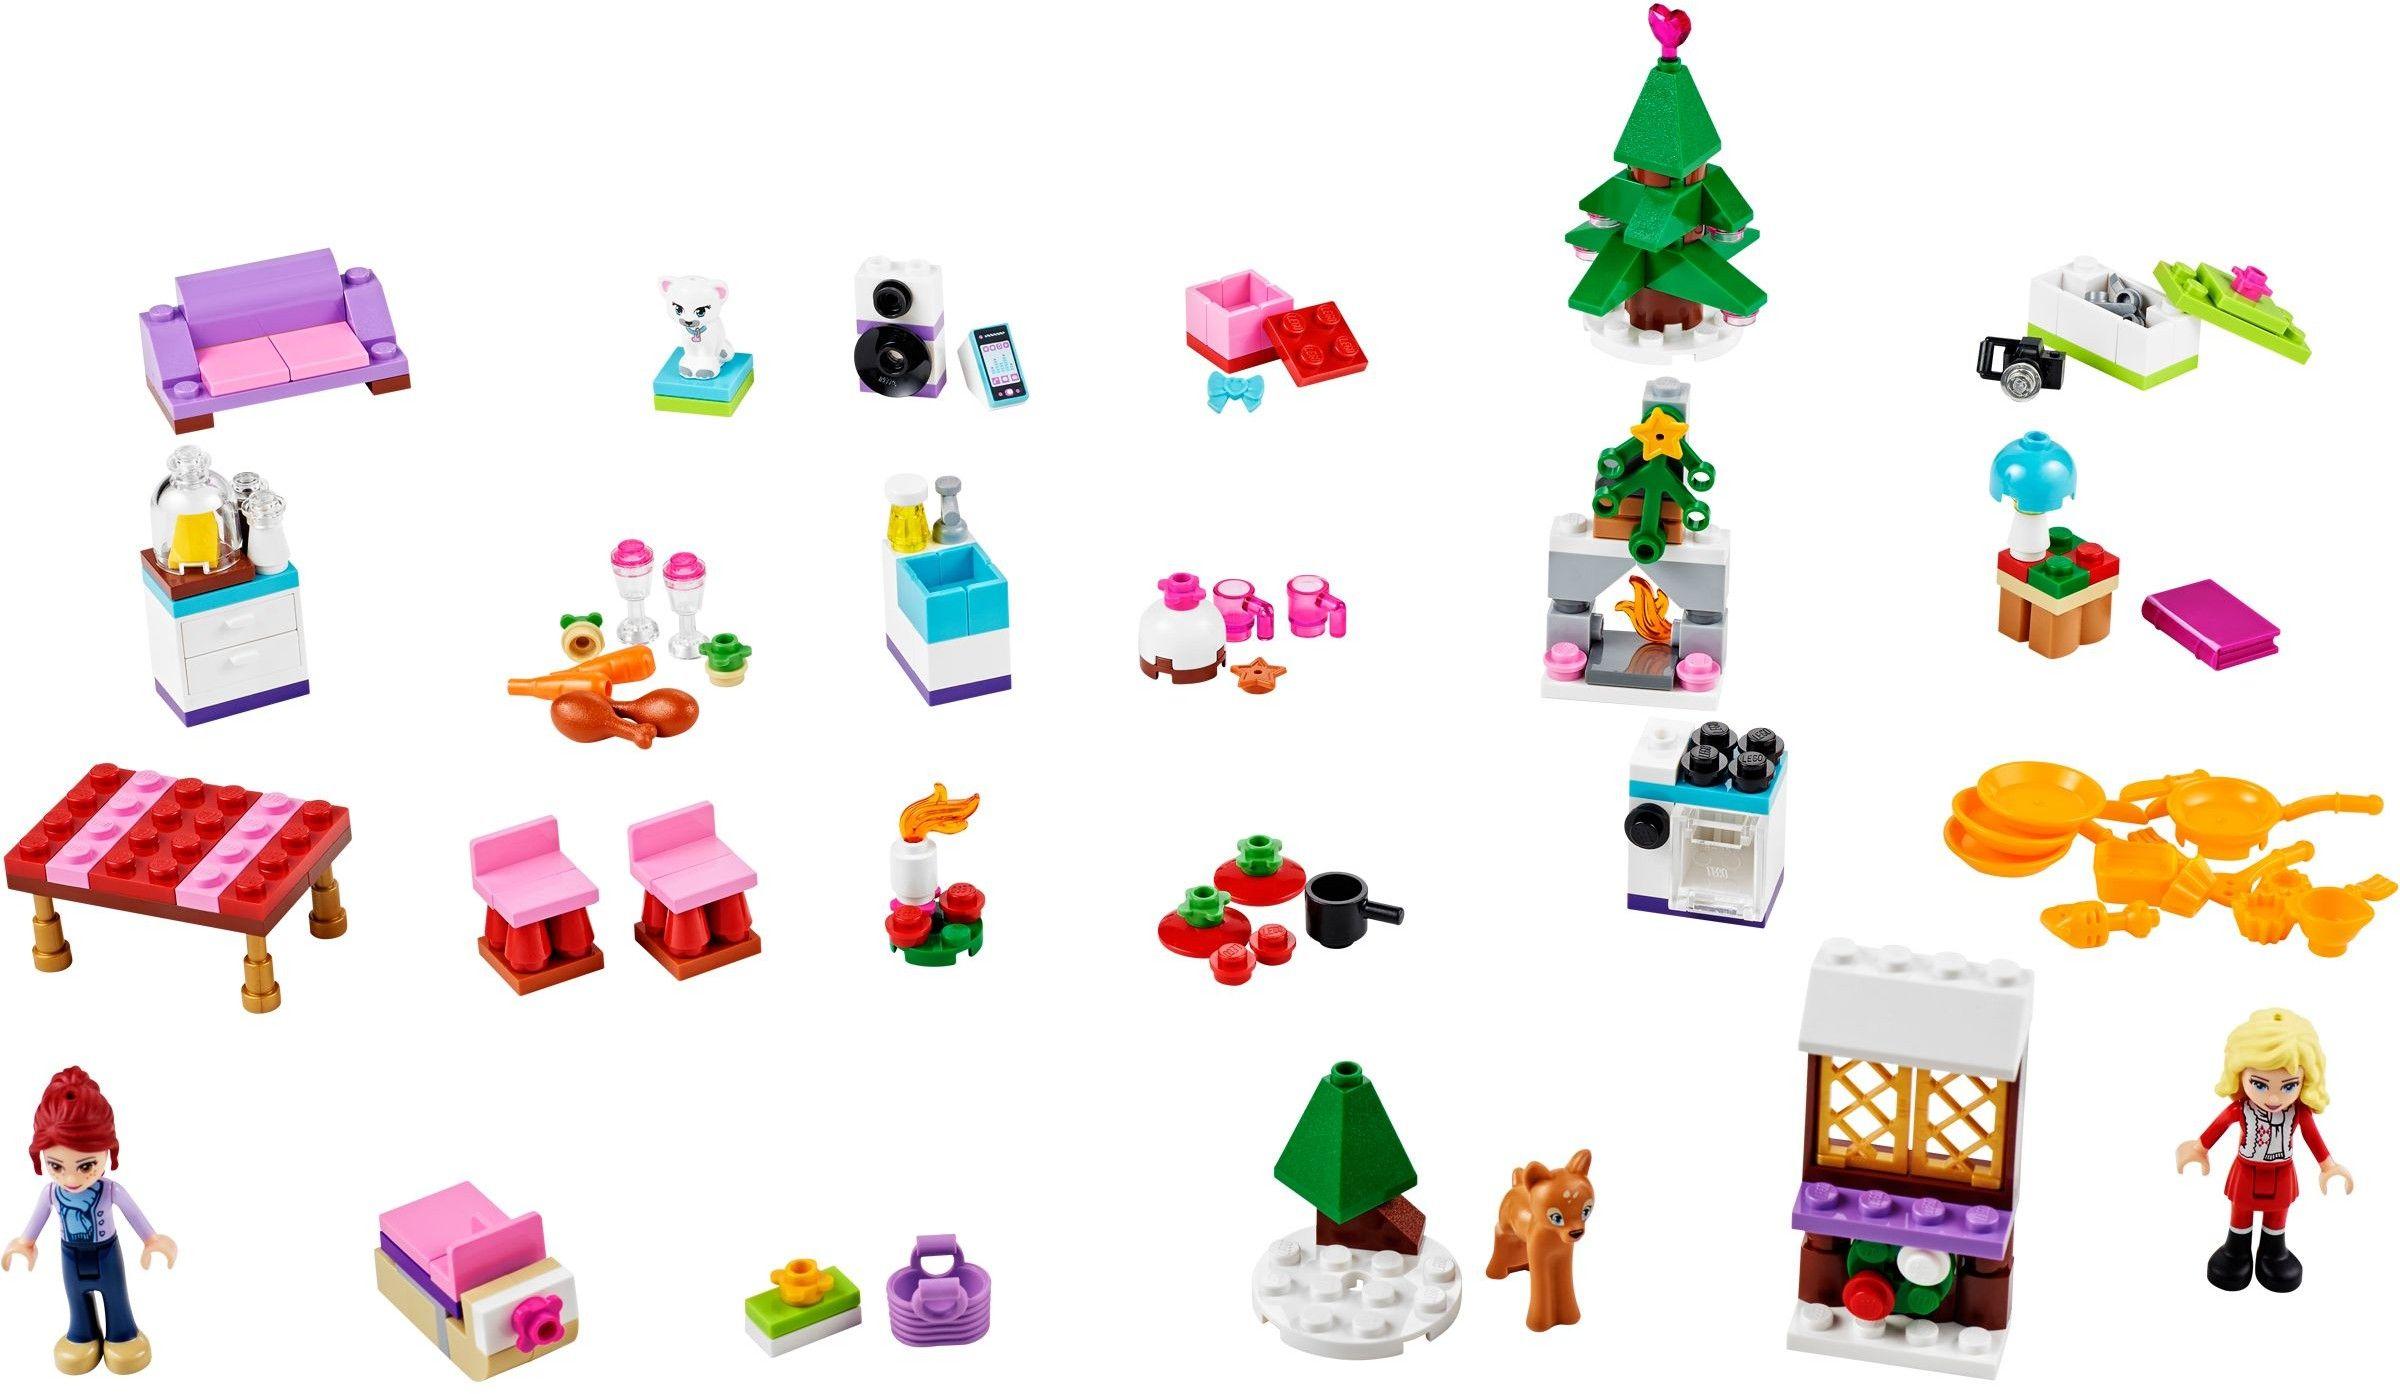 41040 1 Friends Advent Calendar Lego Friends Lego Christmas Lego